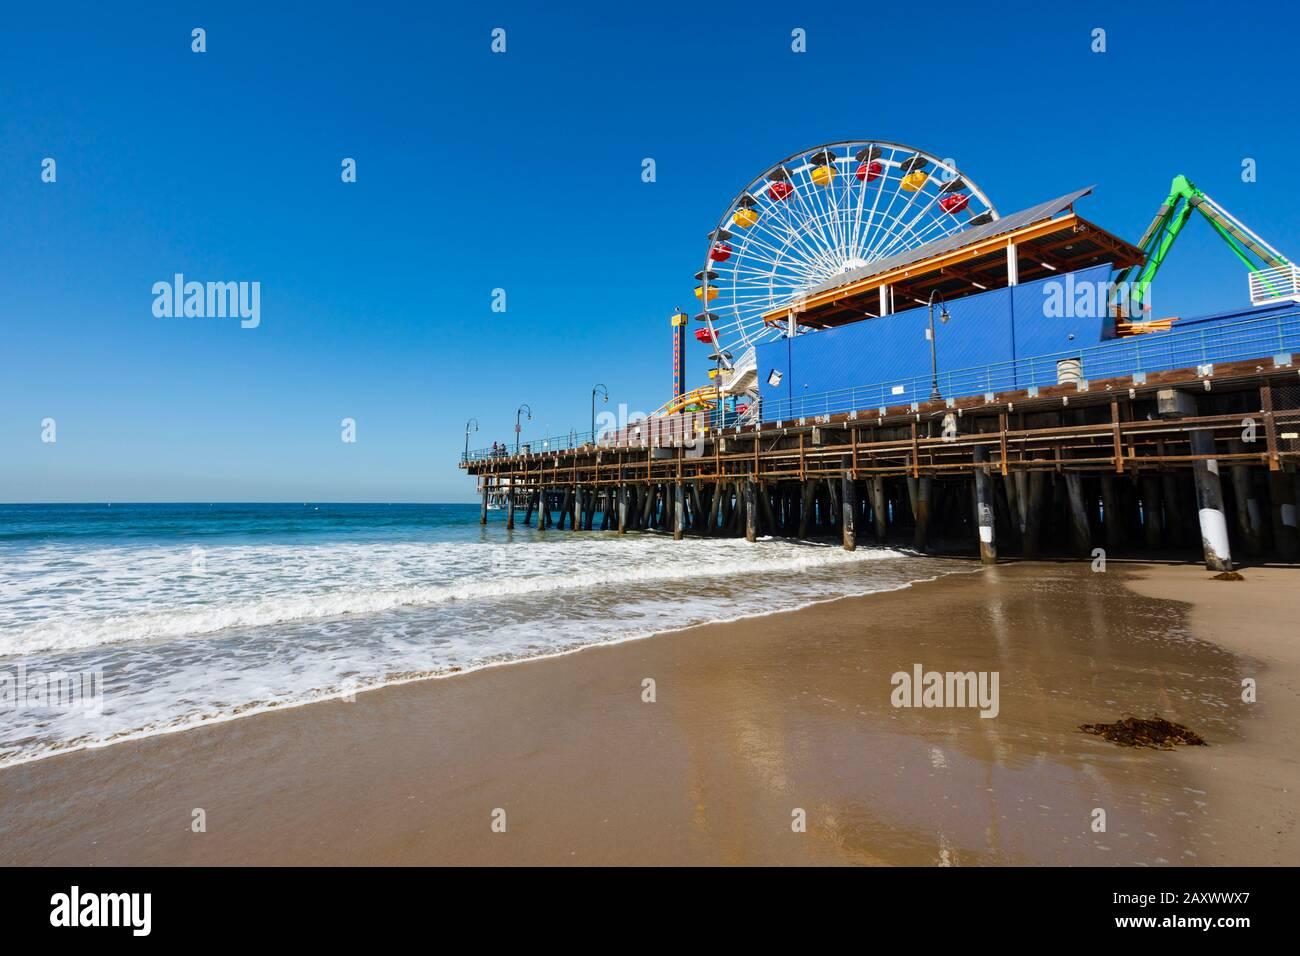 Plage et jetée de Santa Monica avec attractions Pacific Park, , Californie, États-Unis d'Amérique. ÉTATS-UNIS. Octobre 2019 Banque D'Images